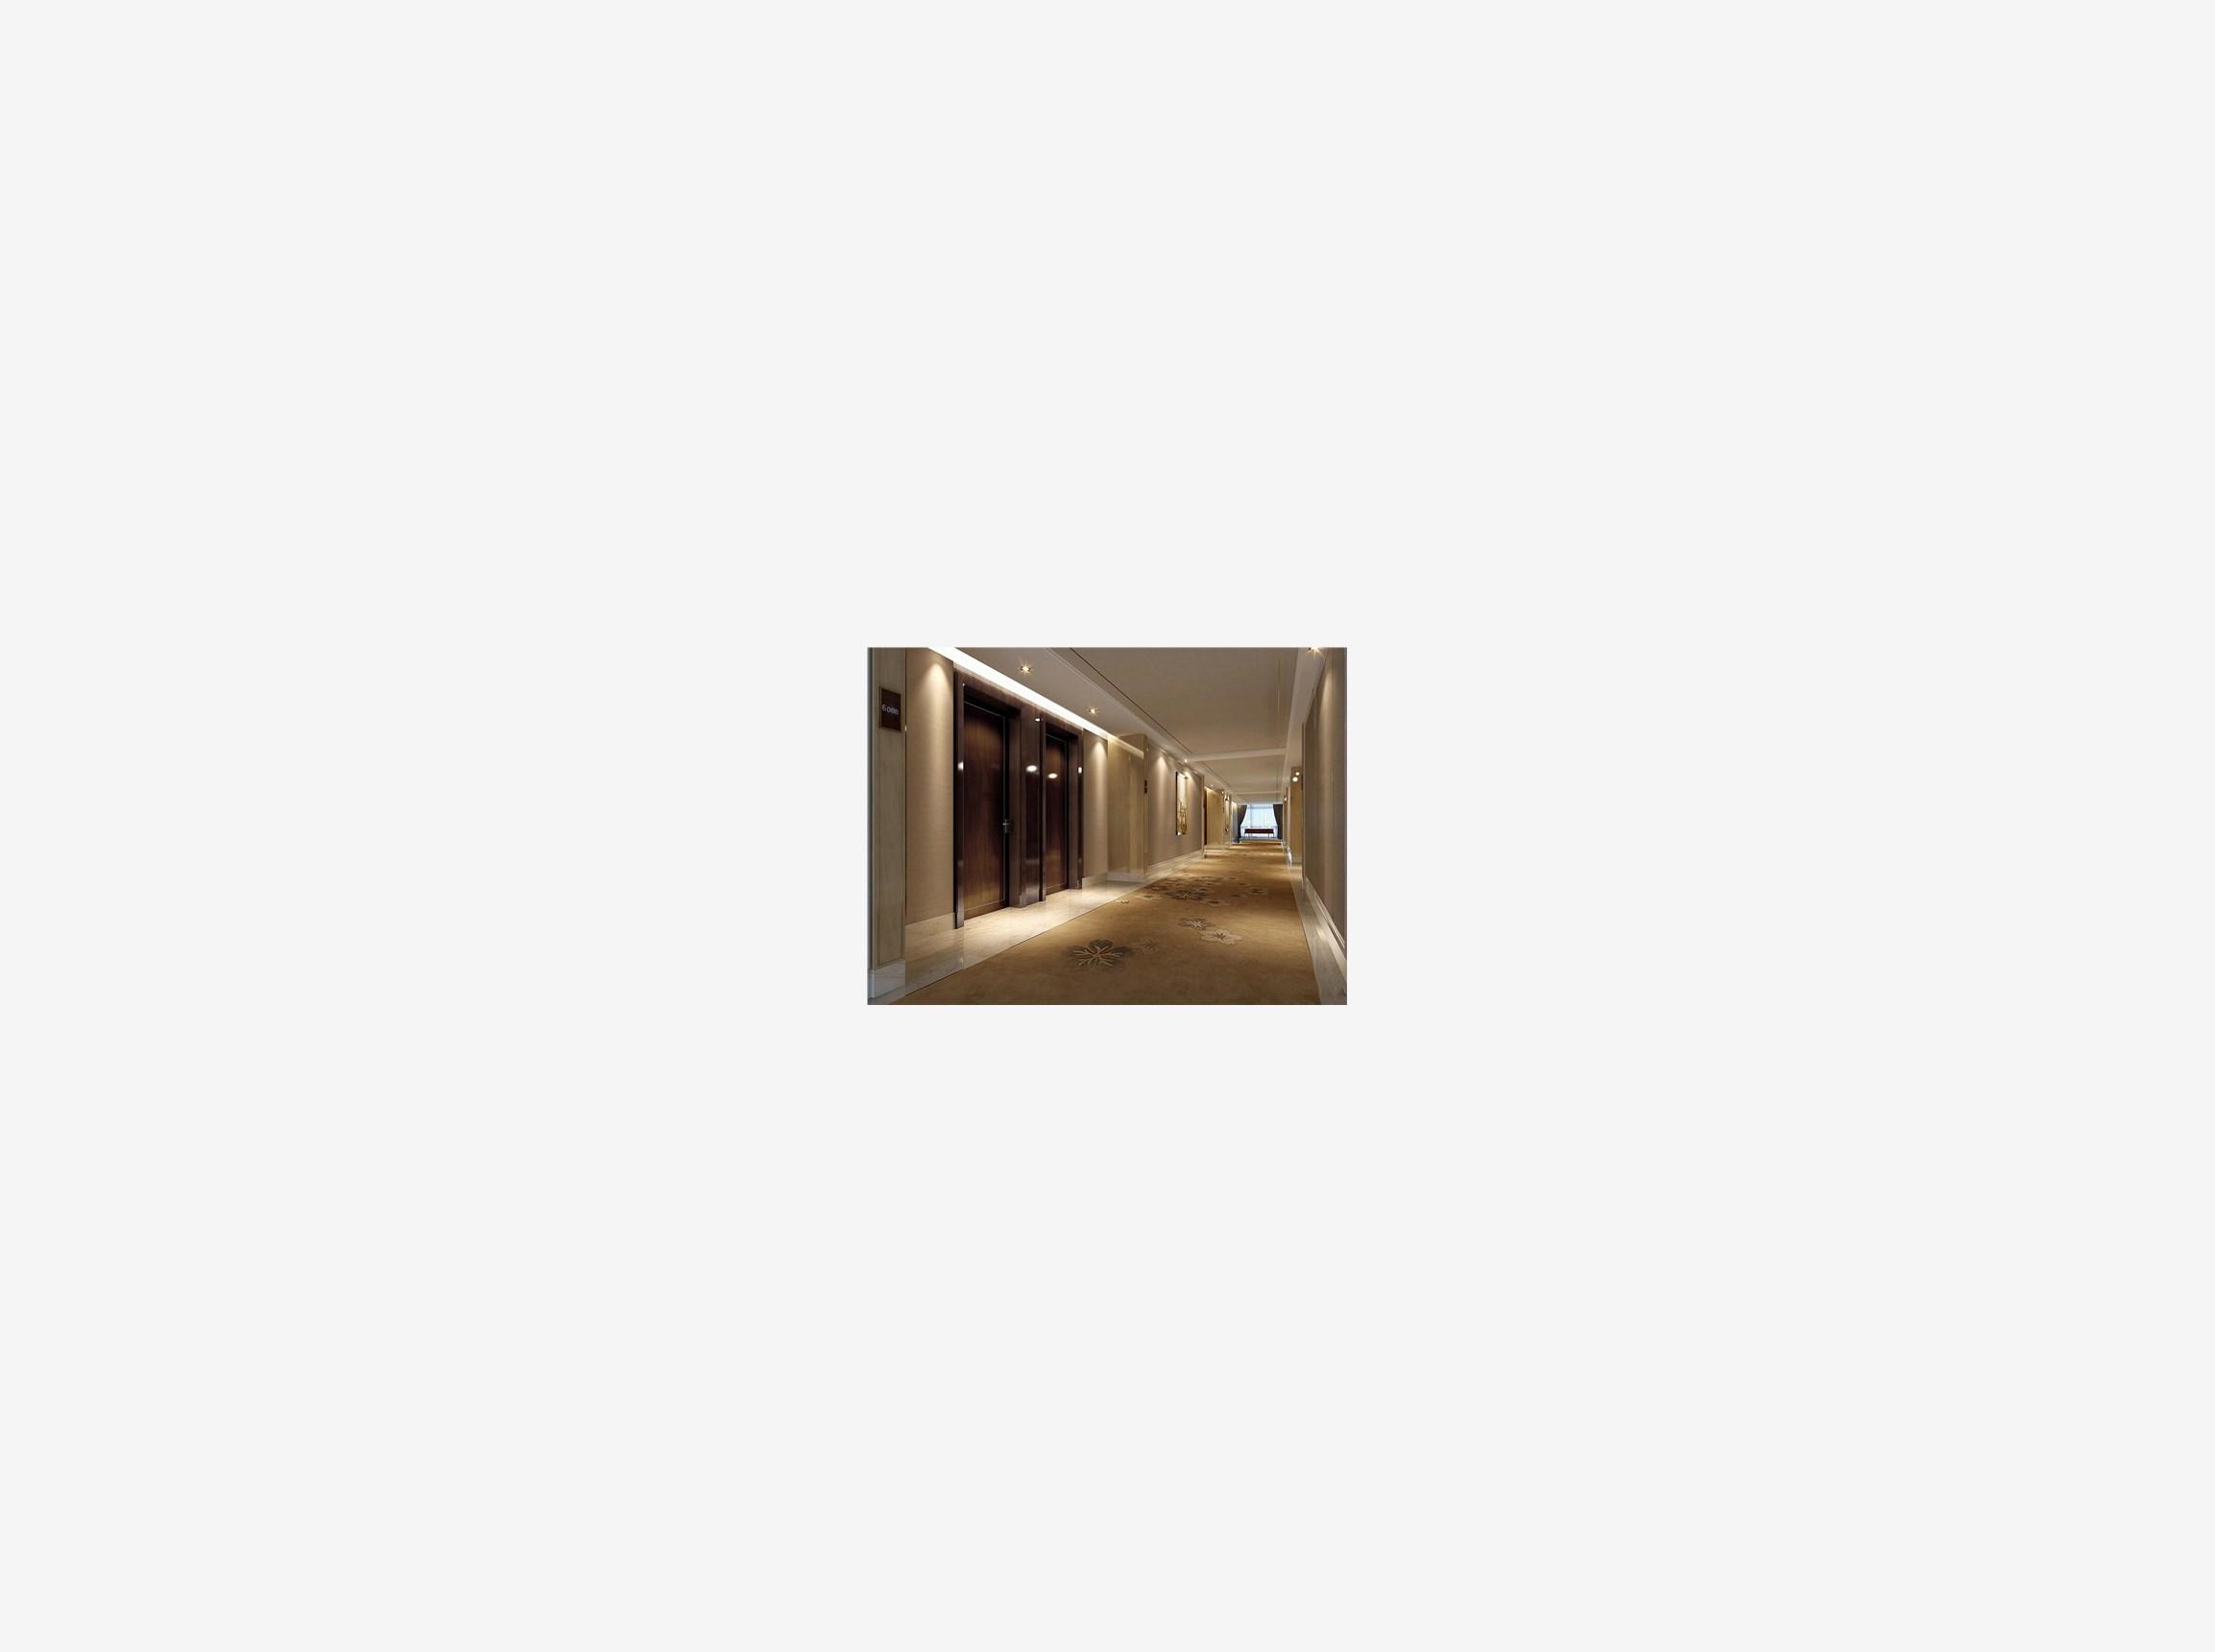 青浦区官方酒店装修便宜,酒店装修